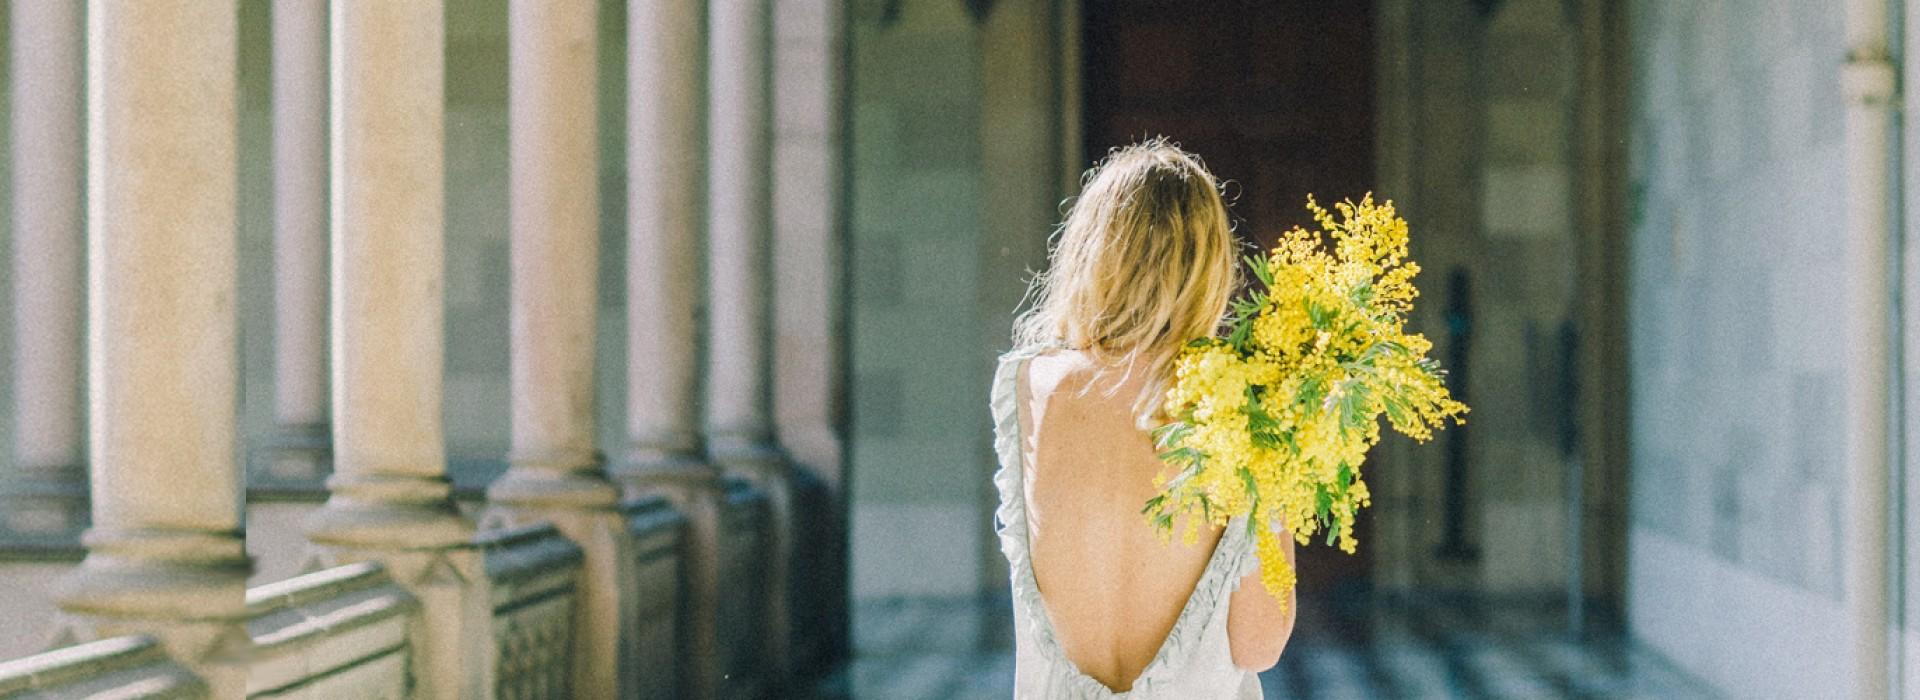 Joli mois de février et ses mimosas en fleurs...